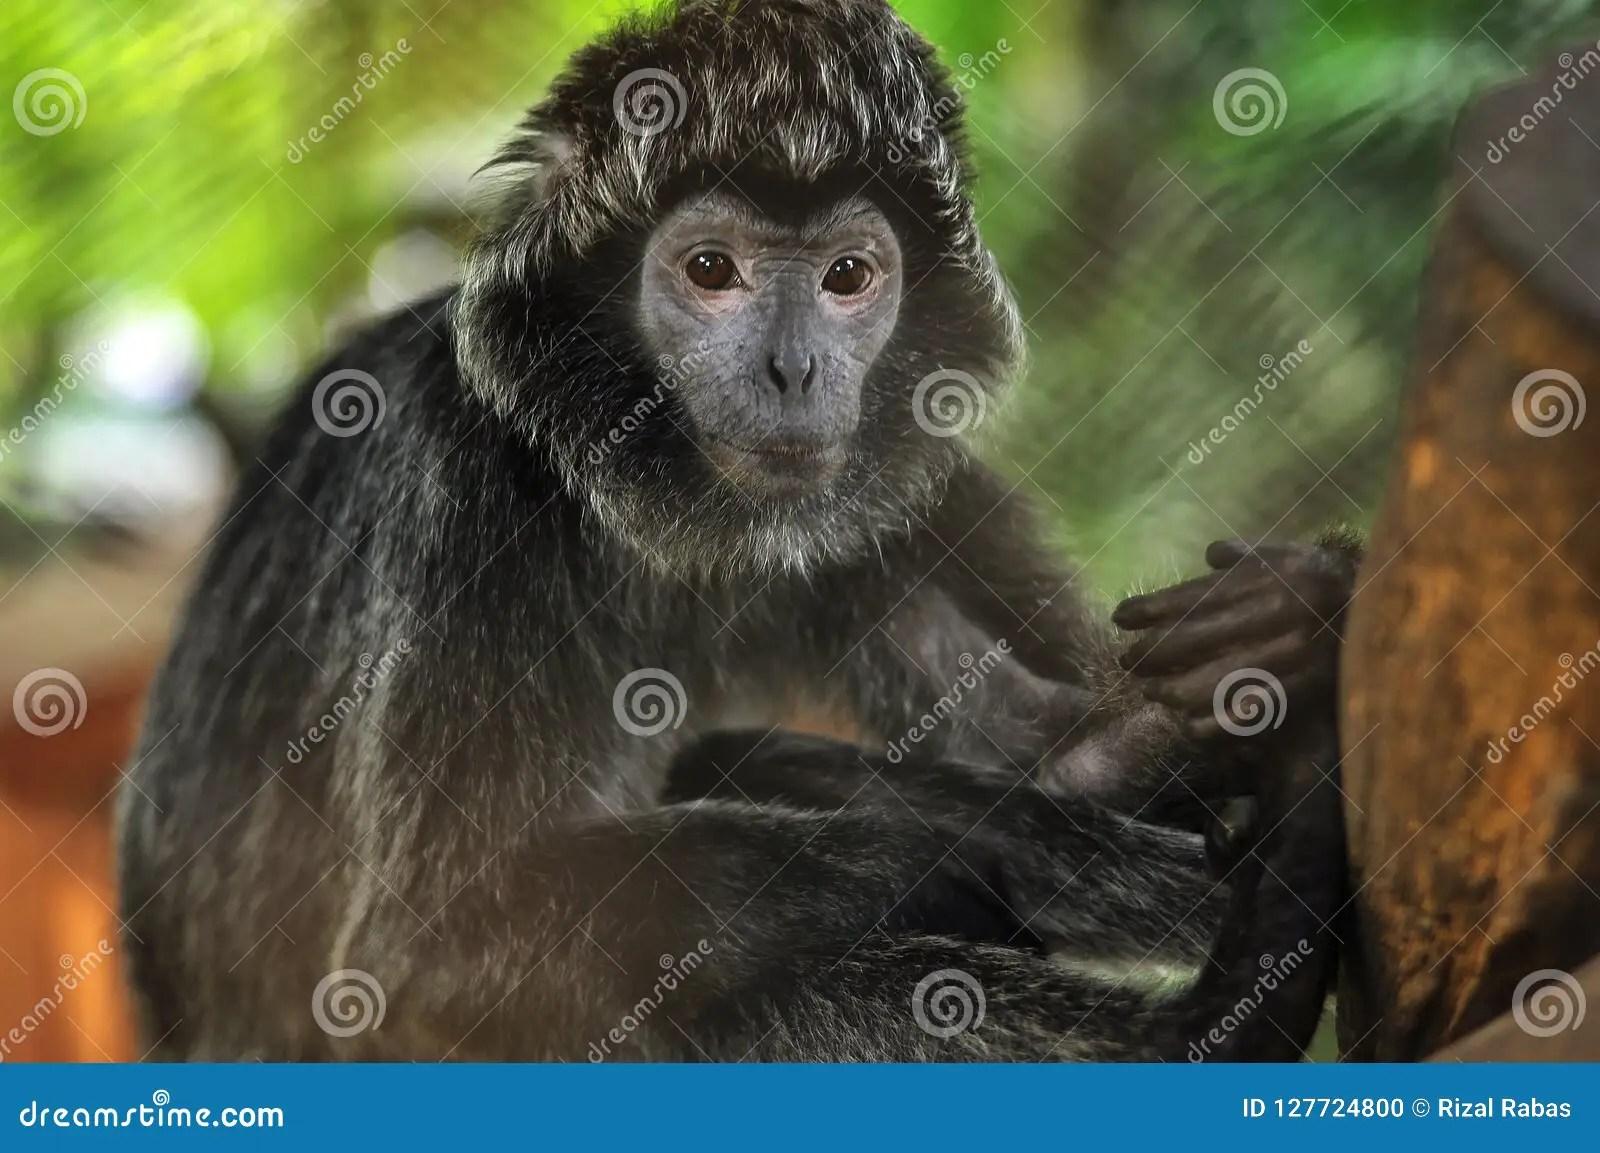 monkey type animals stock